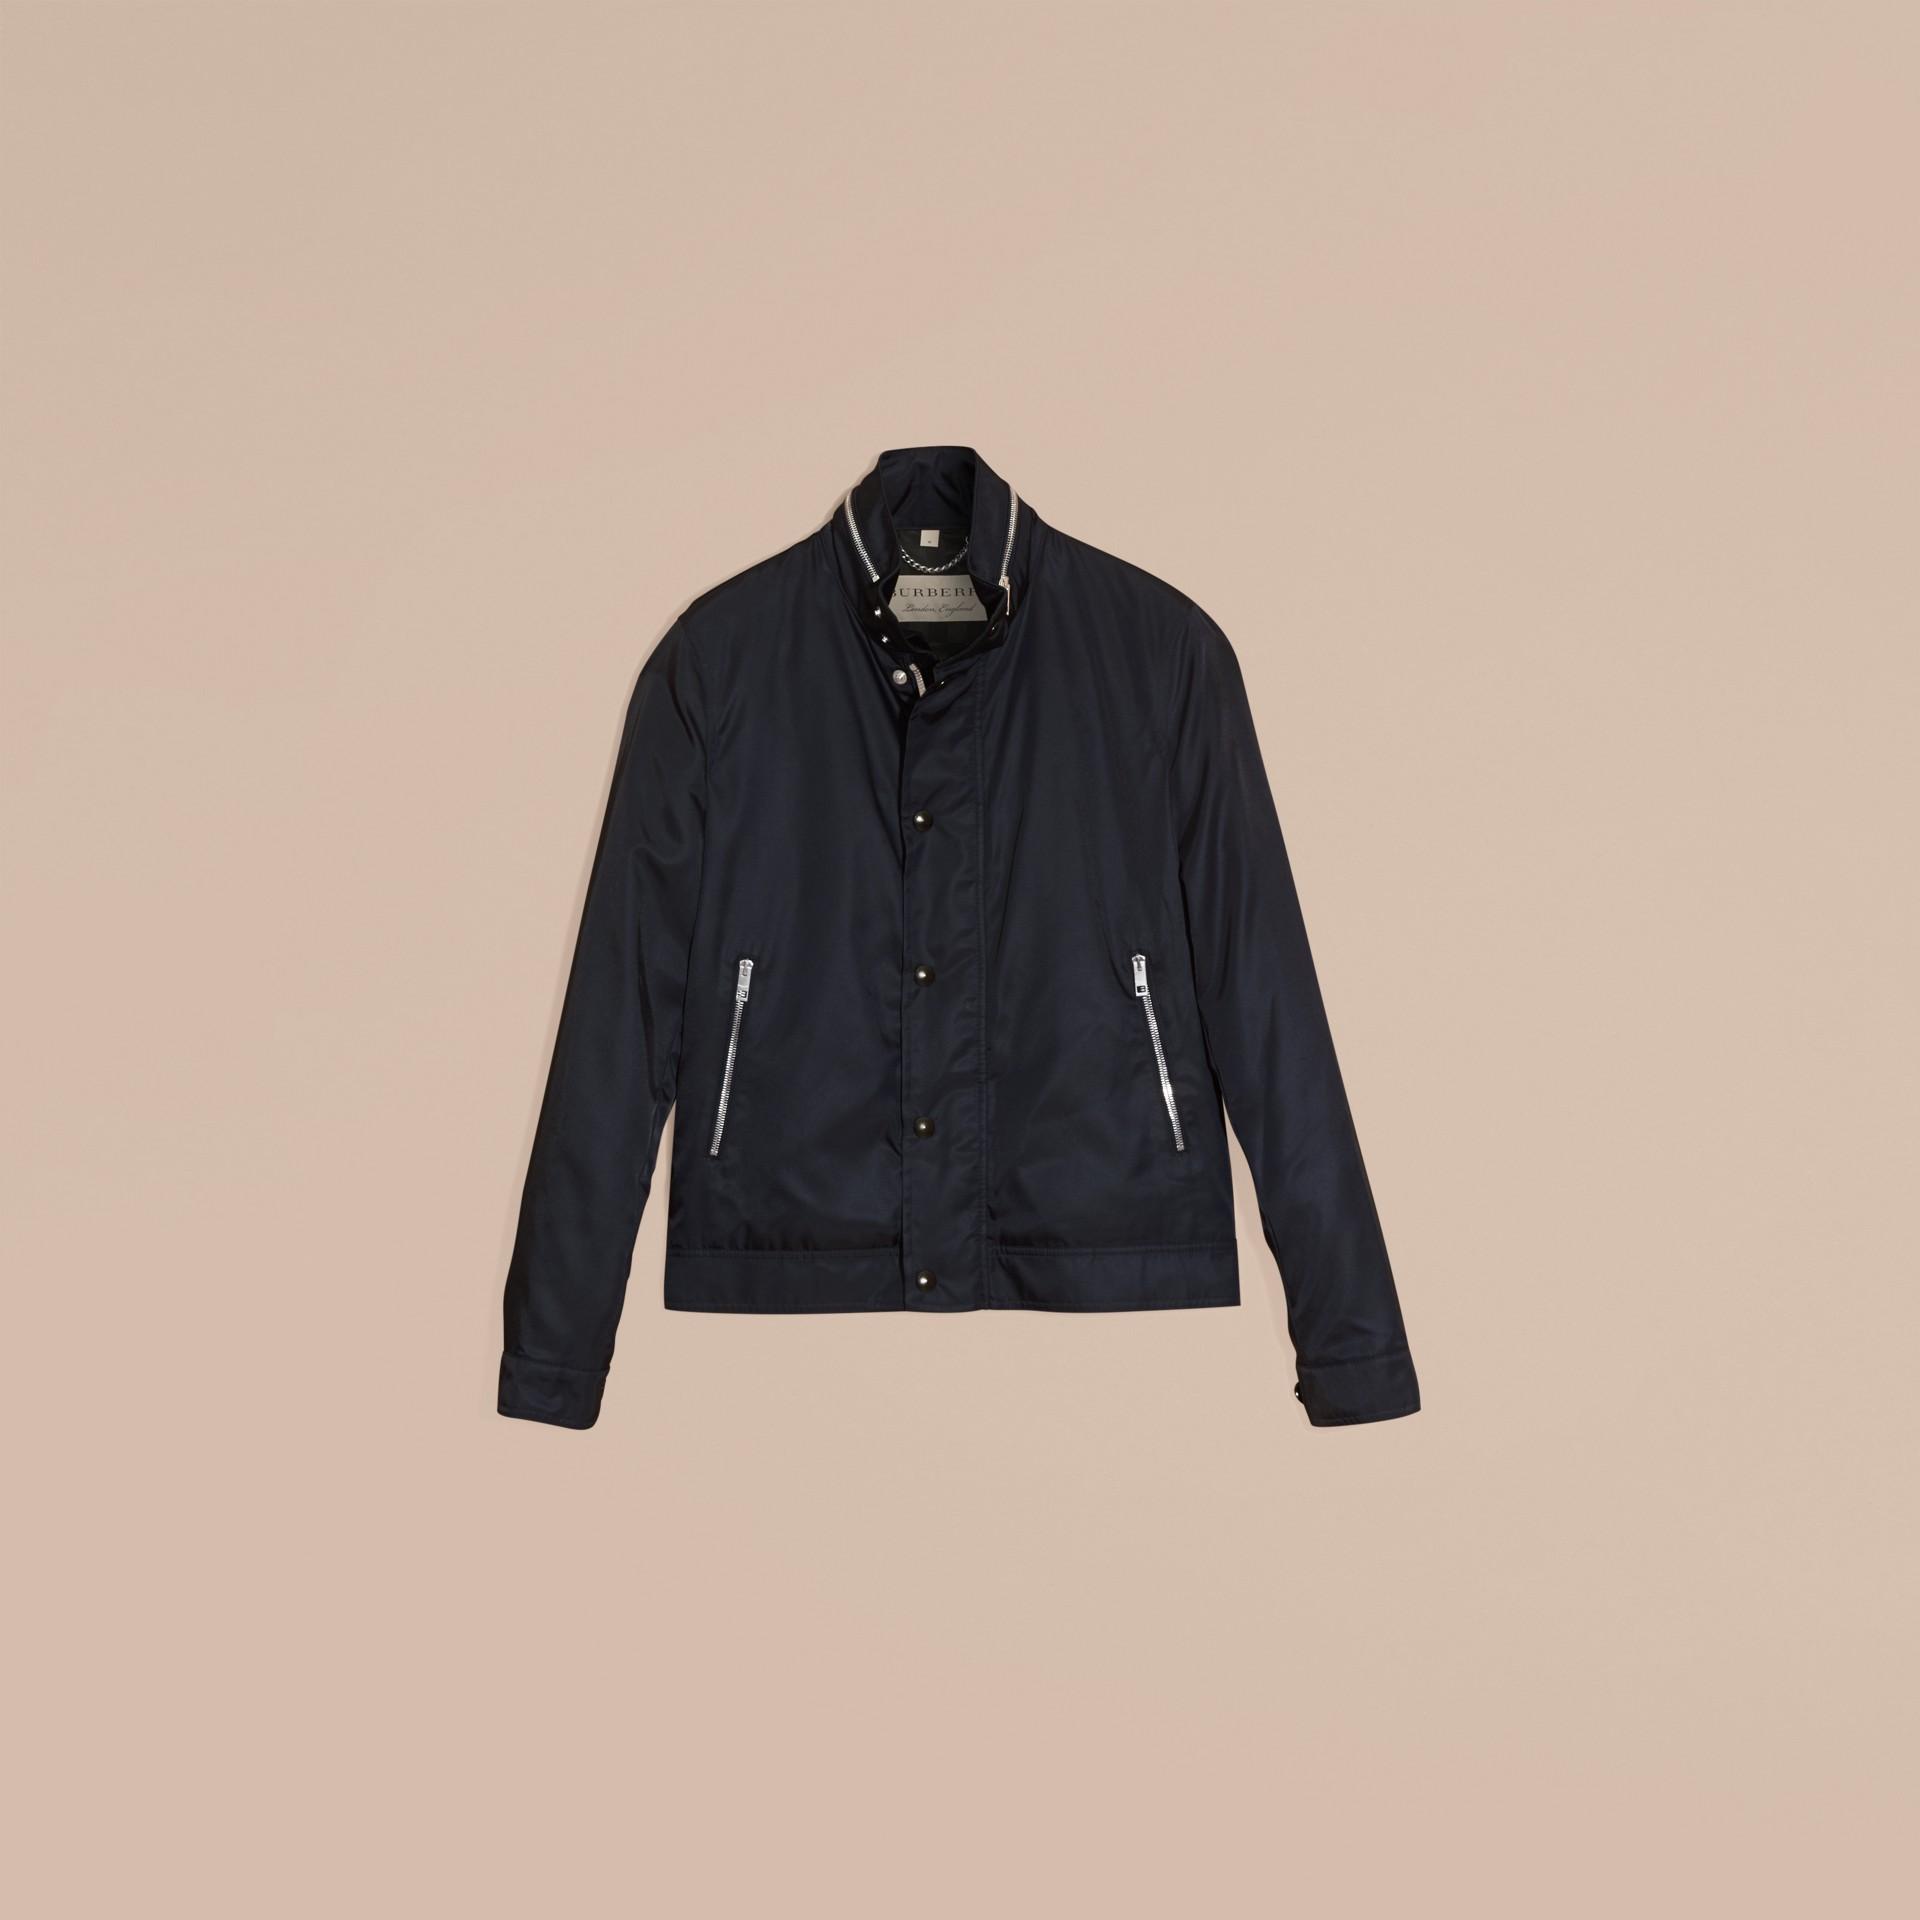 Темно-синий Куртка со складным капюшоном - изображение 4